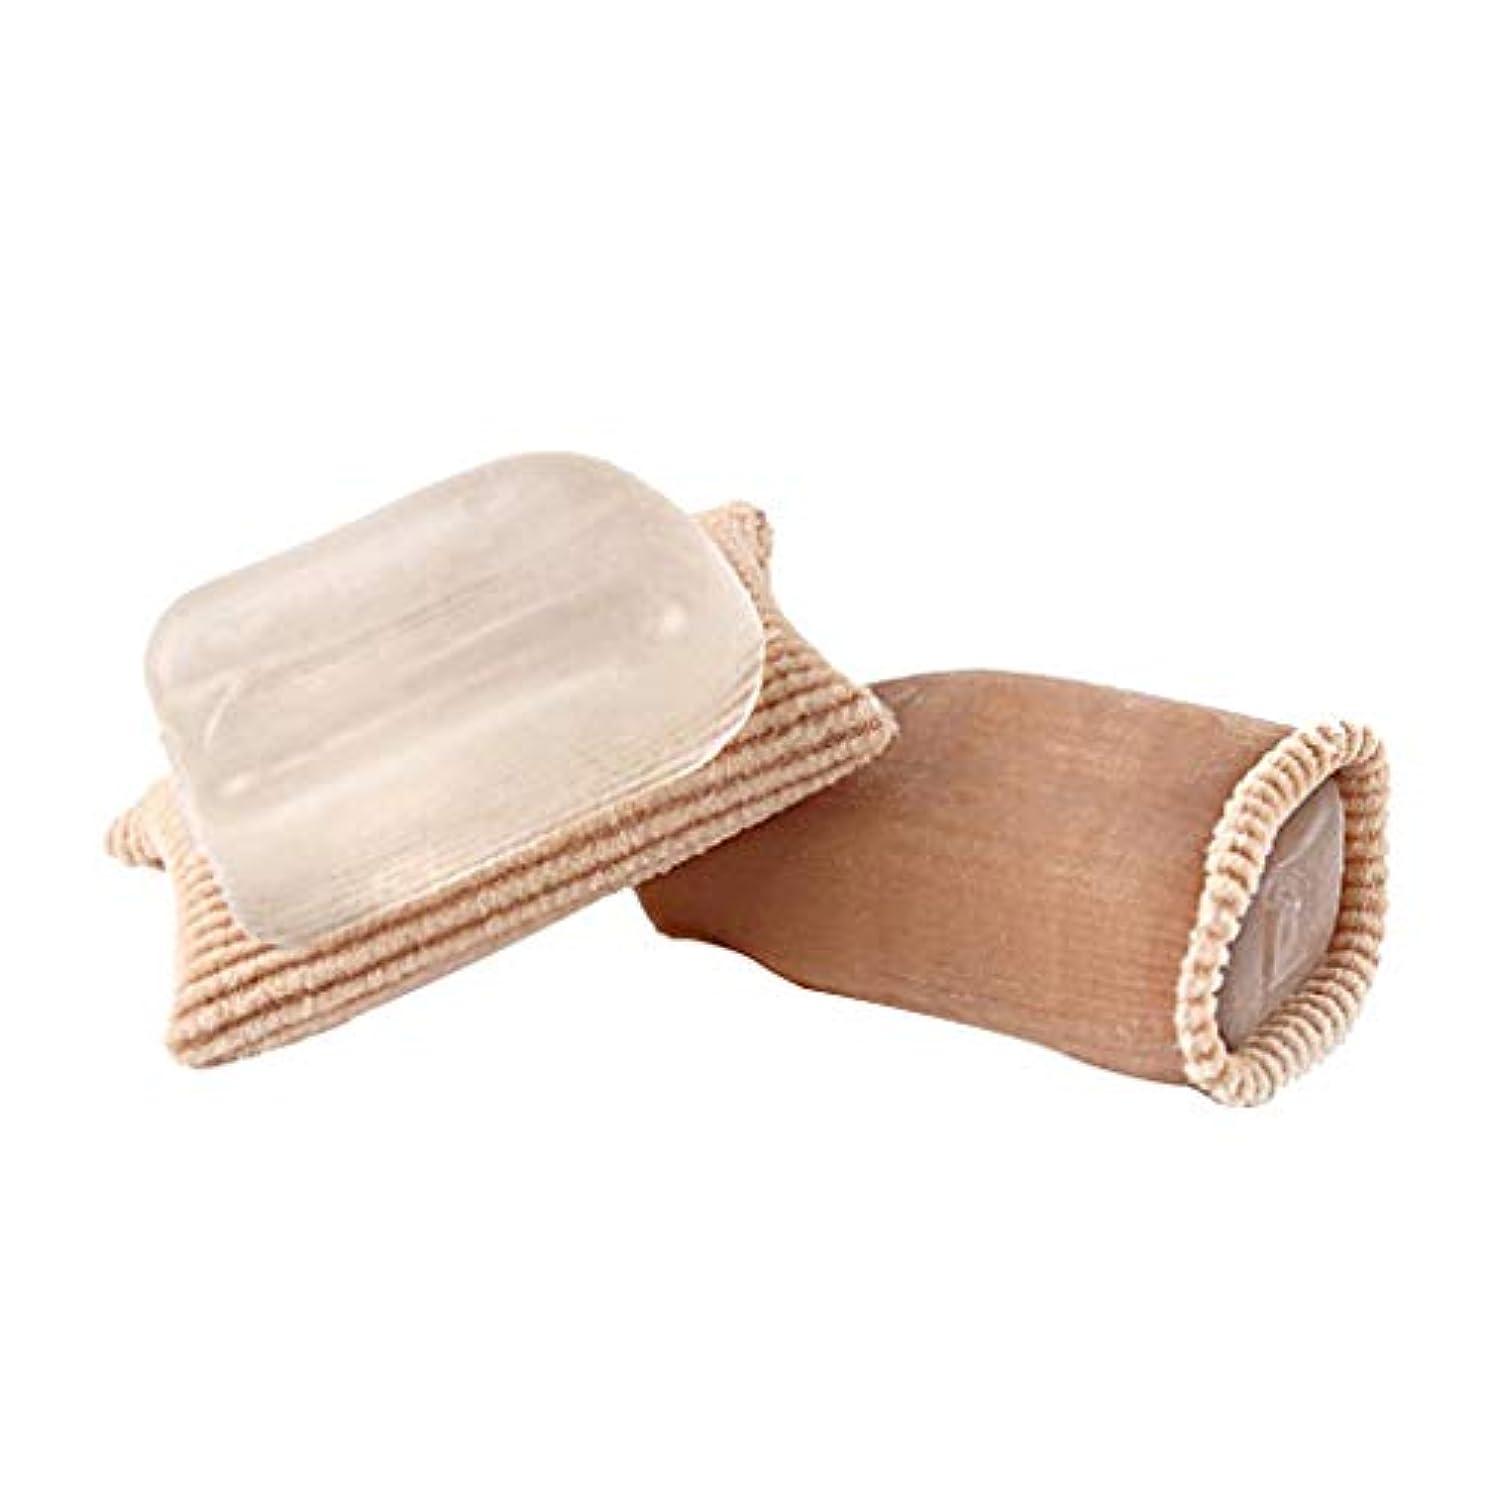 粘性のおとうさん結果としてBaoblaze 1ペア 足指保護キャップ つま先プロテクター つま先 キャップ つま先セパレーター 再利用可能